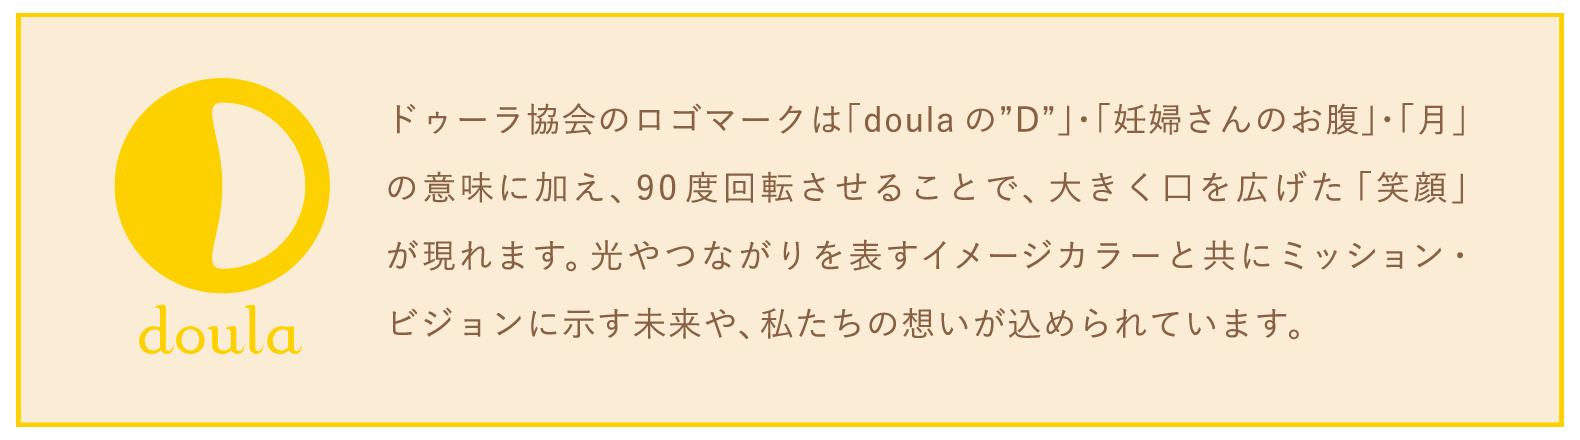 """ドゥーラ協会のロゴマークは「doulaの""""D""""」・「妊婦さんのお腹」・「月」の意味に加え、90度回転させることで、大きく口を広げた「笑顔」が現れます。光やつながりを表すイメージカラーと共にミッション・ビジョンに示す未来や、私たちの想いが込められています。"""